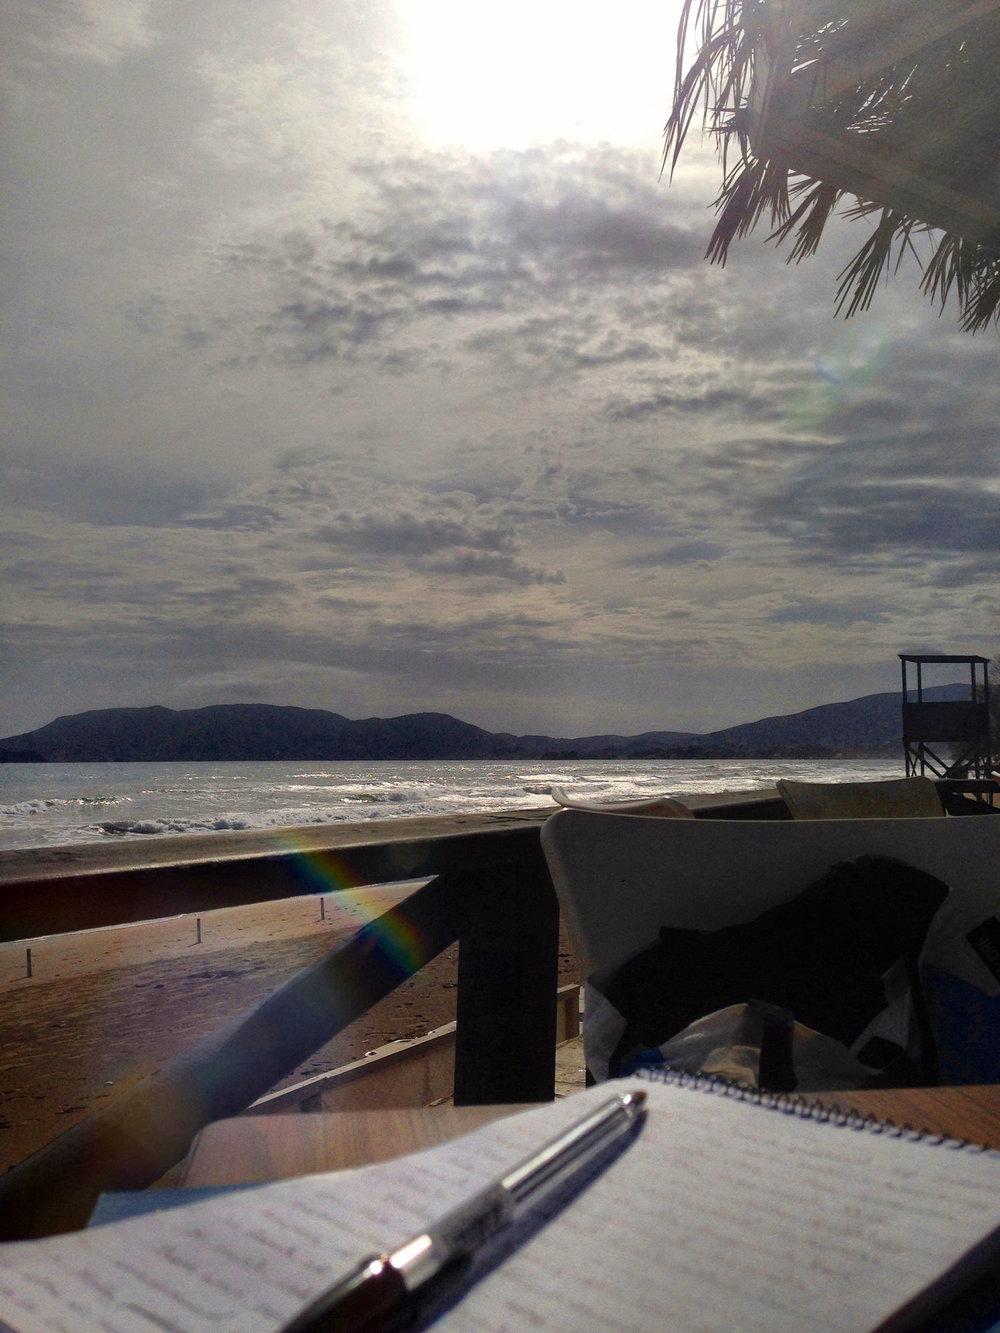 Beach-notes.jpg